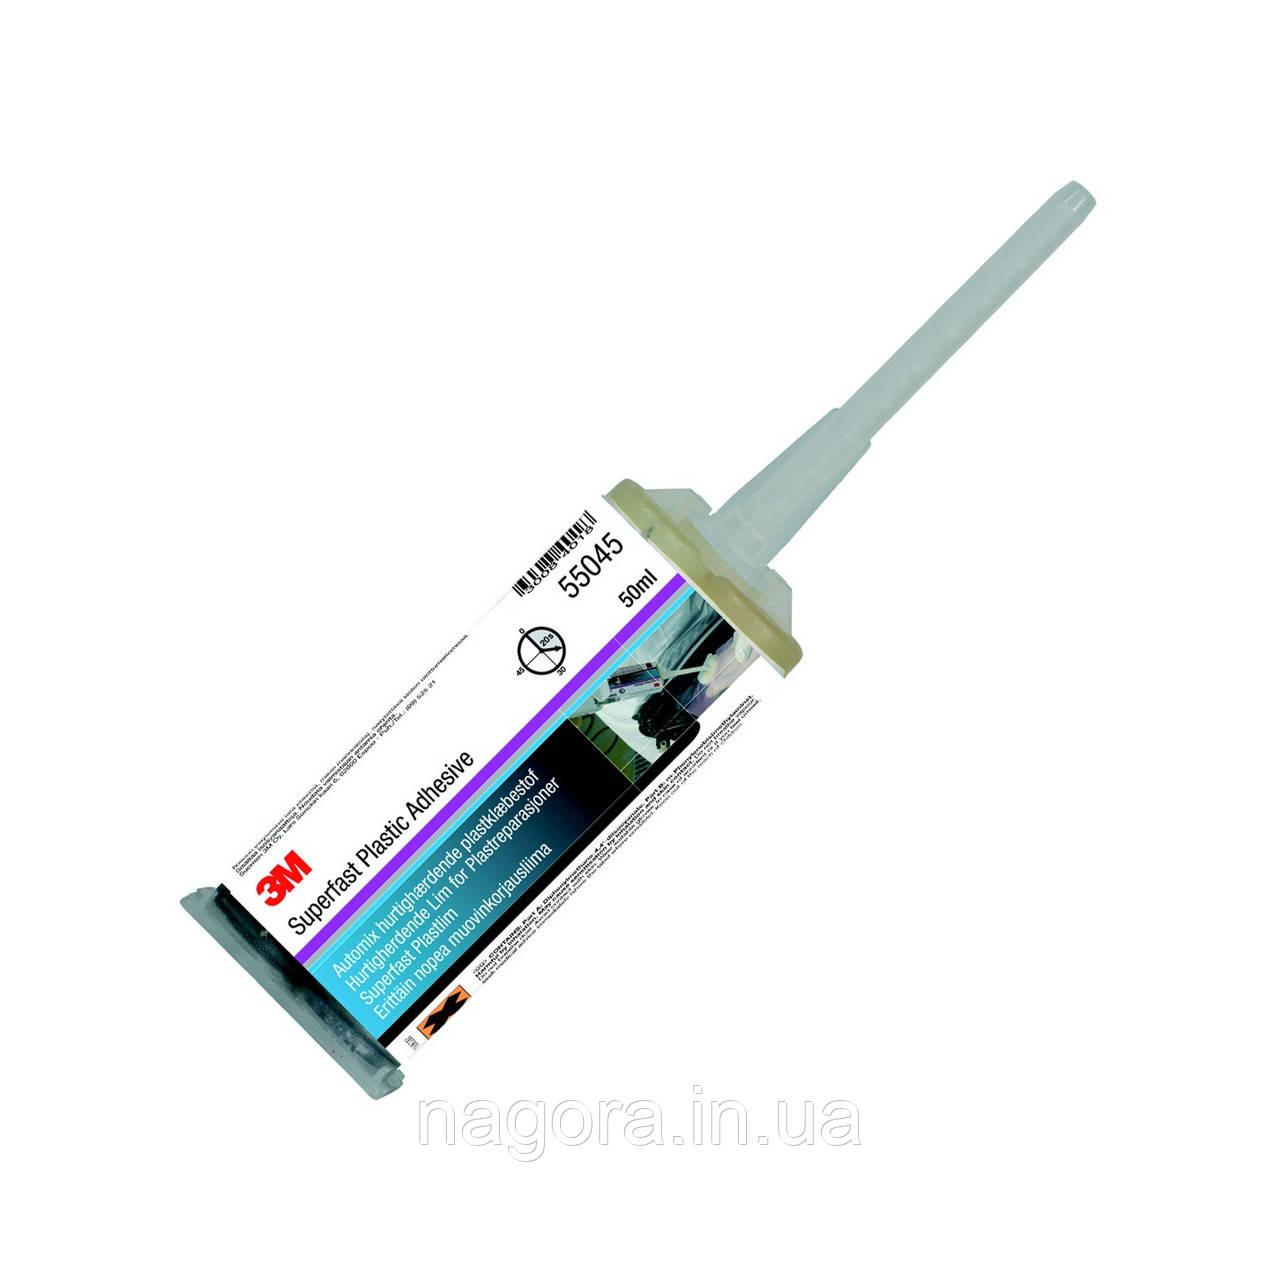 Двокомпонентний поліуретановий клей 3M™ для ремонту пластикових деталей подвійний картридж (50мл)